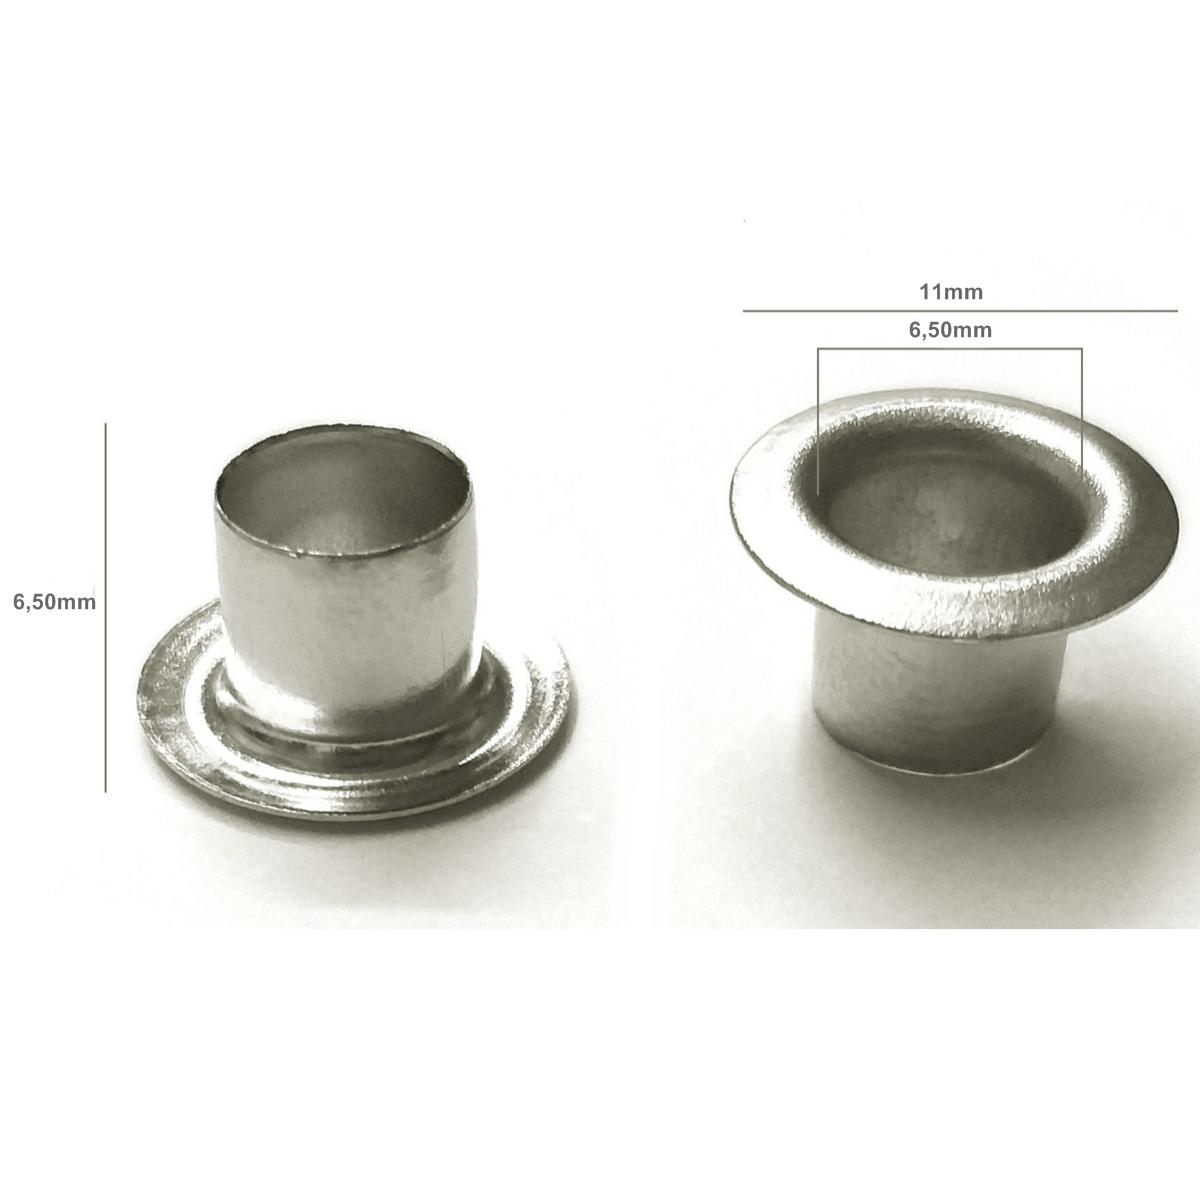 Ilhós Ferro Dourado Nº 50 11mm de diâmetro externo